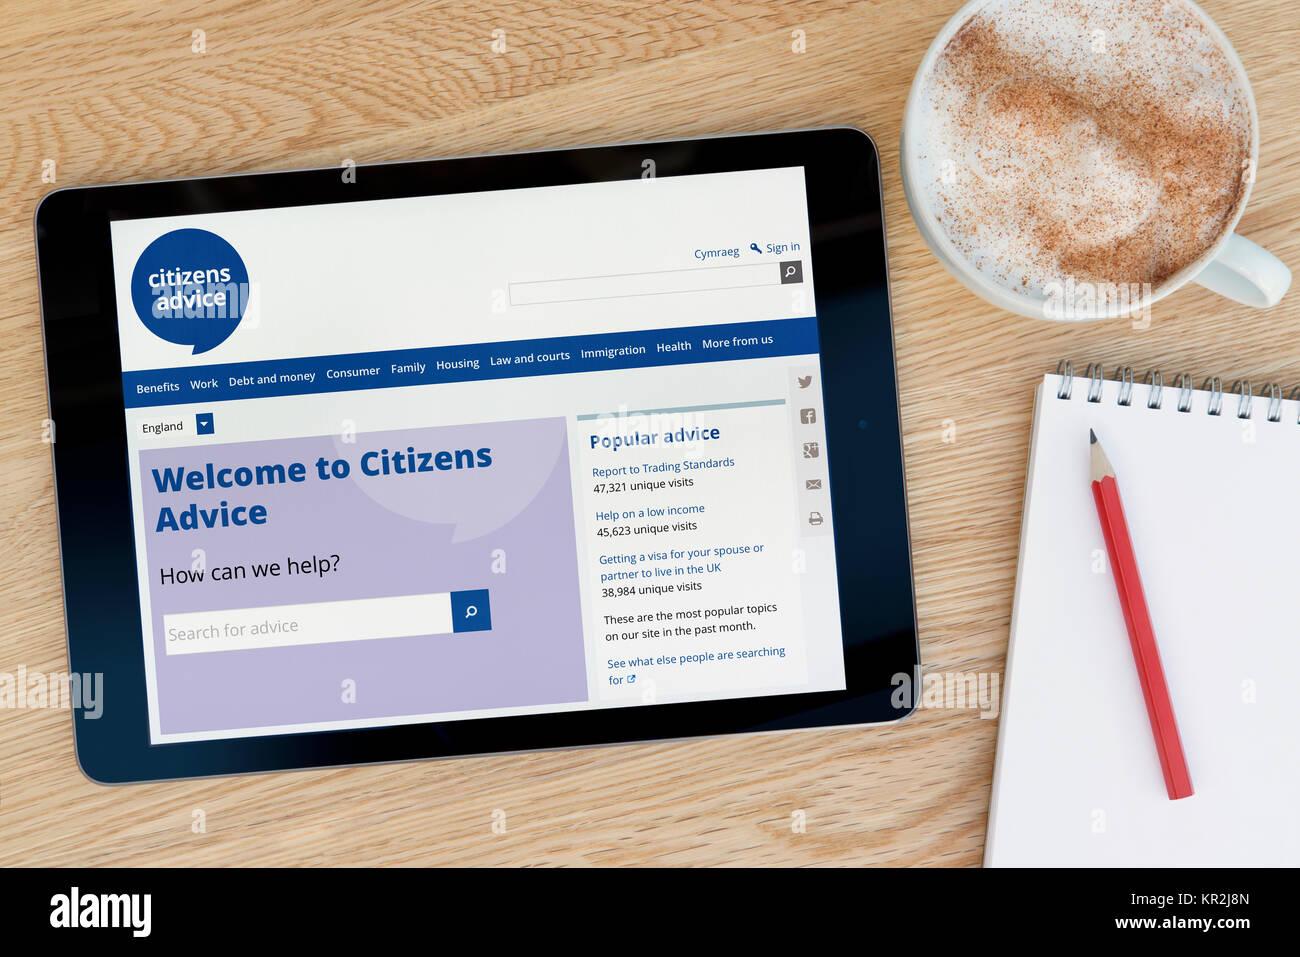 Die Bürgerinnen und Bürger Beratung Website auf einem iPad Tablet Gerät, das auf einem Tisch liegt Stockbild